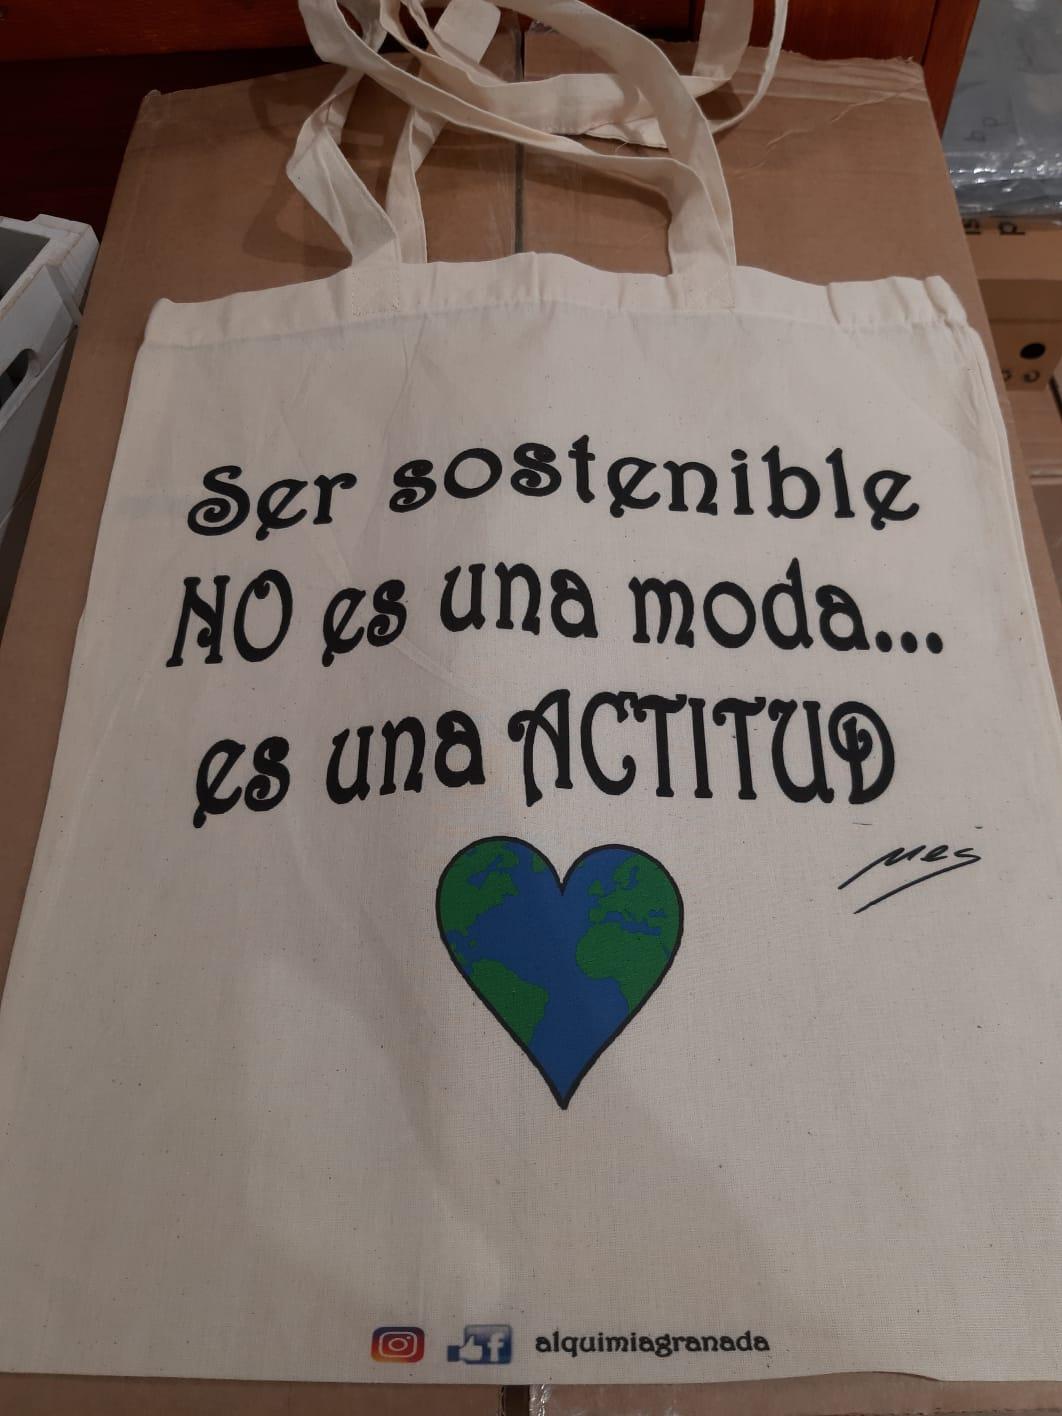 Tienda especializada en las mejores marcas de Ropa Ética, Sostenible y de algodón orgánico en Granada y Jaén. SKFK, Skunkfunk, PAN Producto BásicoBOLSA ACTITUD